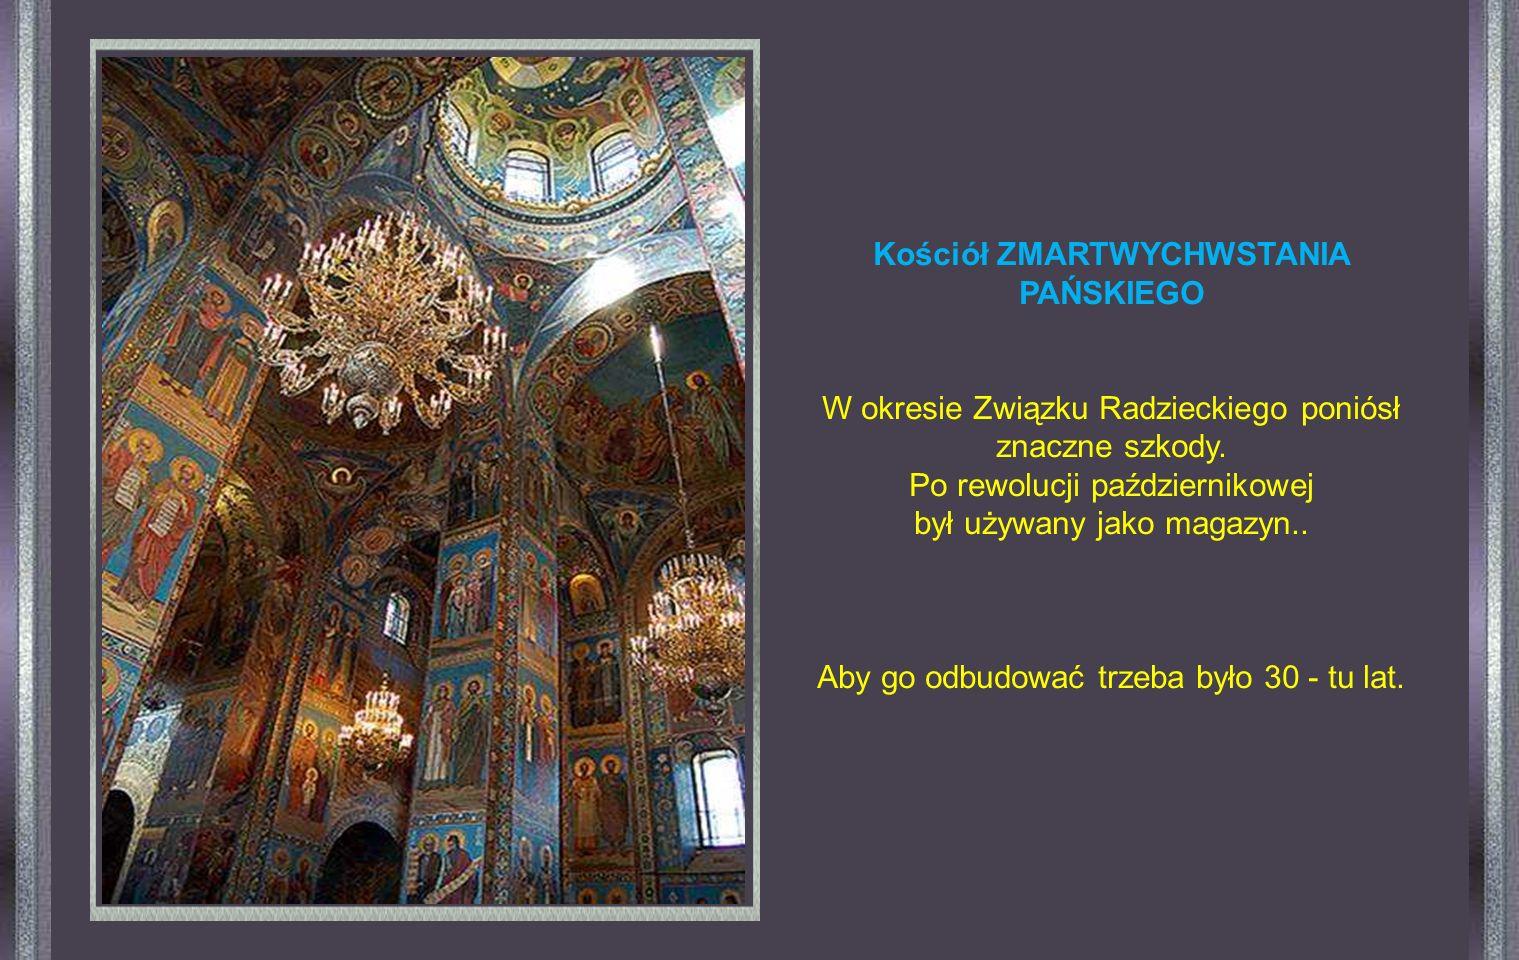 Jest przepiękny wewnątrz i na zewnątrz. Wnętrze jest całkowicie pokryte mozaiką o motywach religijnych.